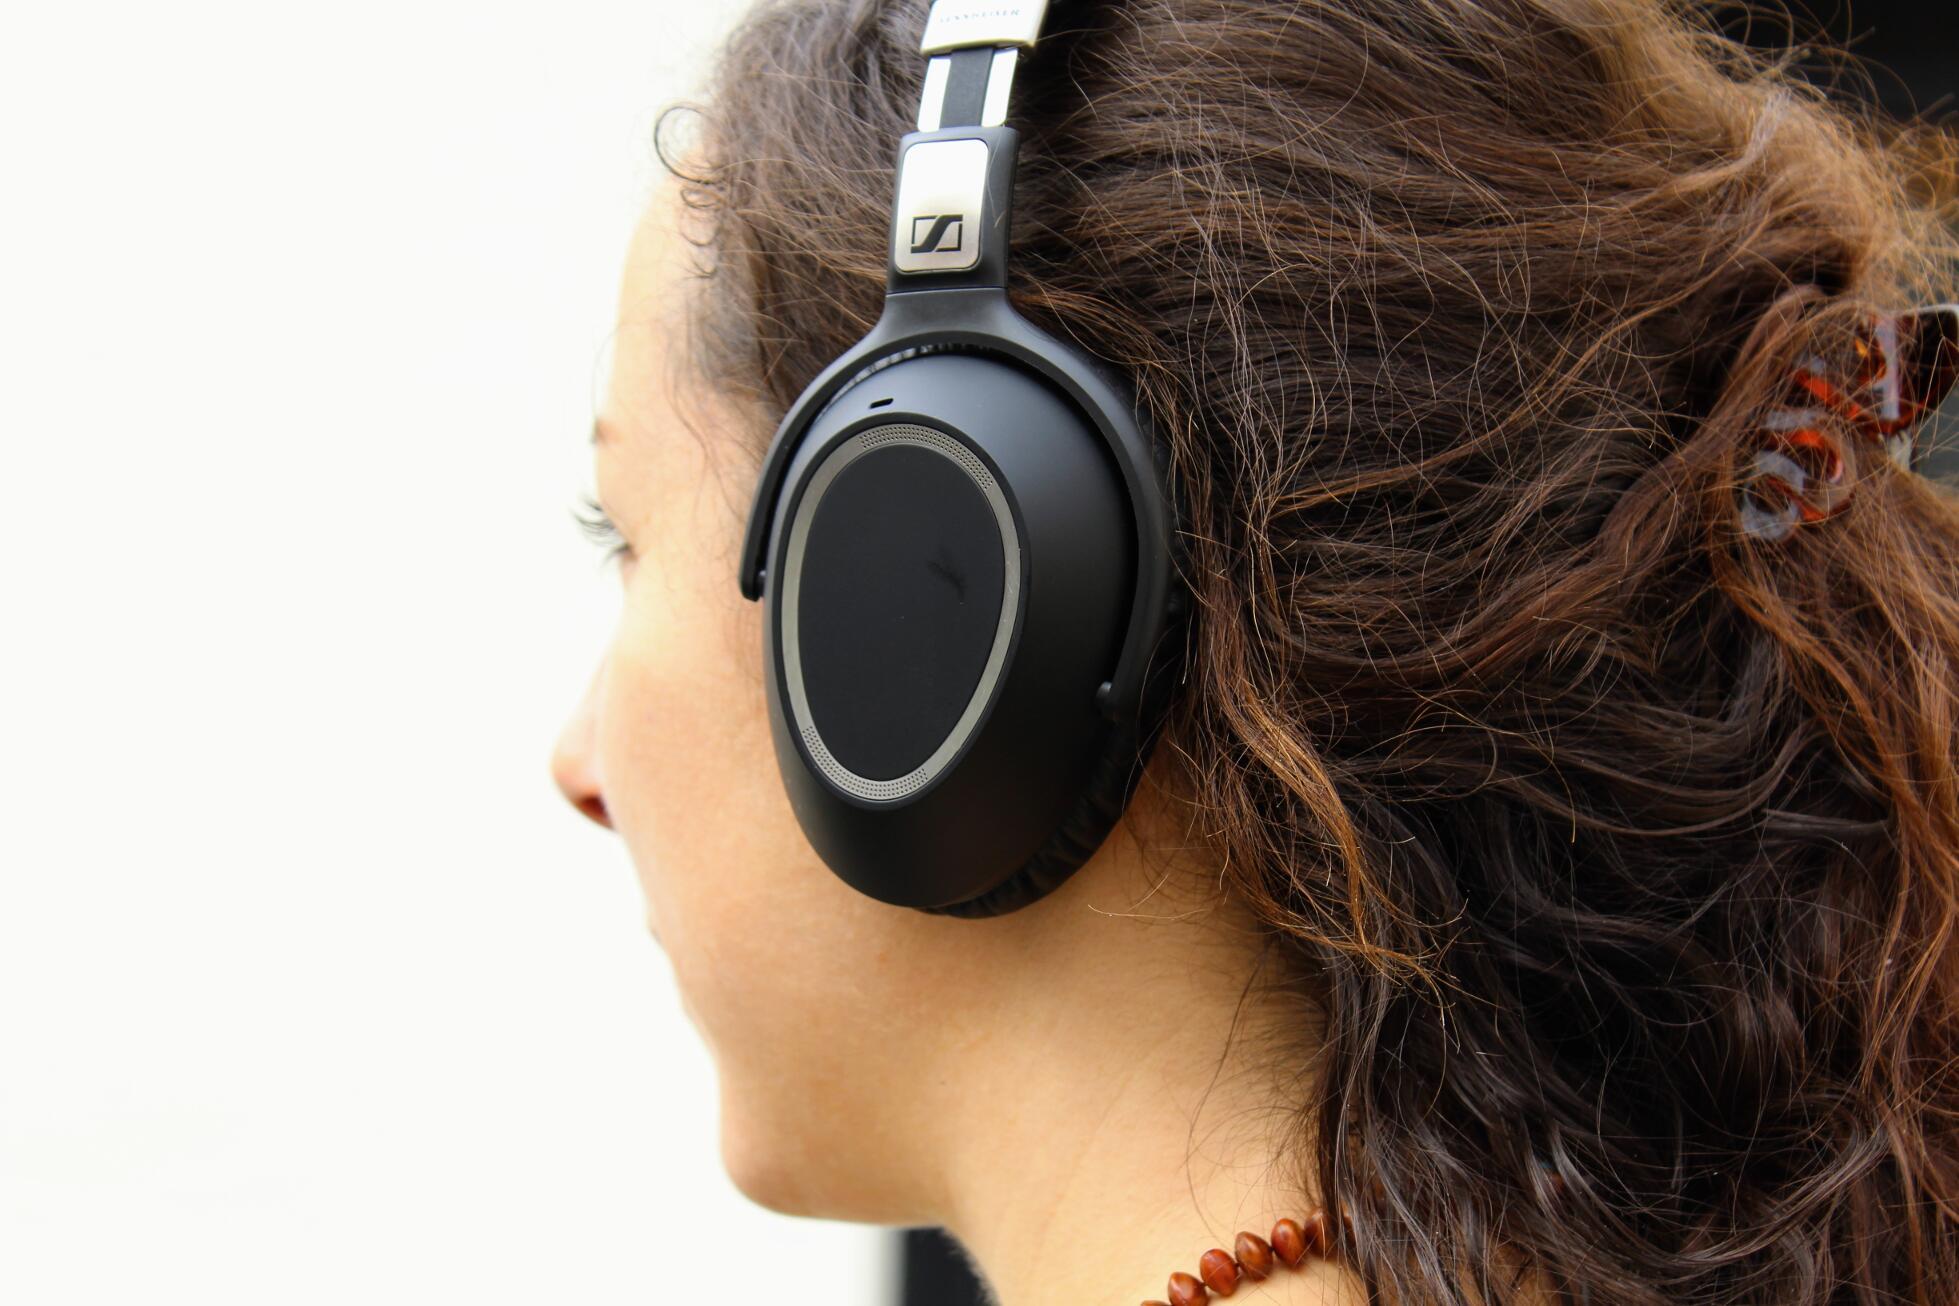 Review Sennheiser Hd 440 Bt Wireless Hd 450 Btnc Wireless And